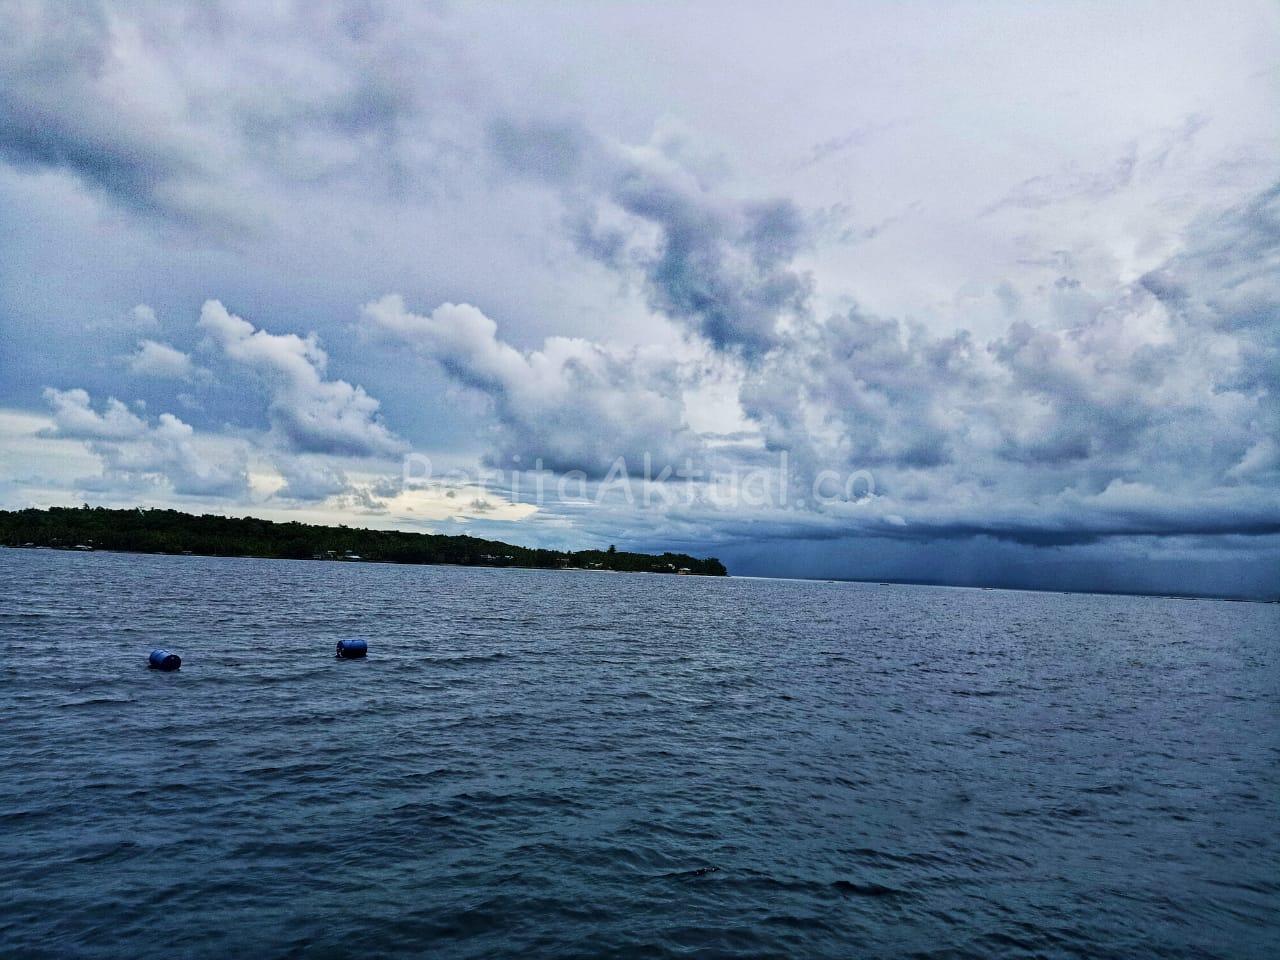 BMKG Keluarkan Peringatan Dini Cuaca Extrim di Perairan Manokwari, Raja Ampat Dan Sorong 1 IMG 20200806 WA0028